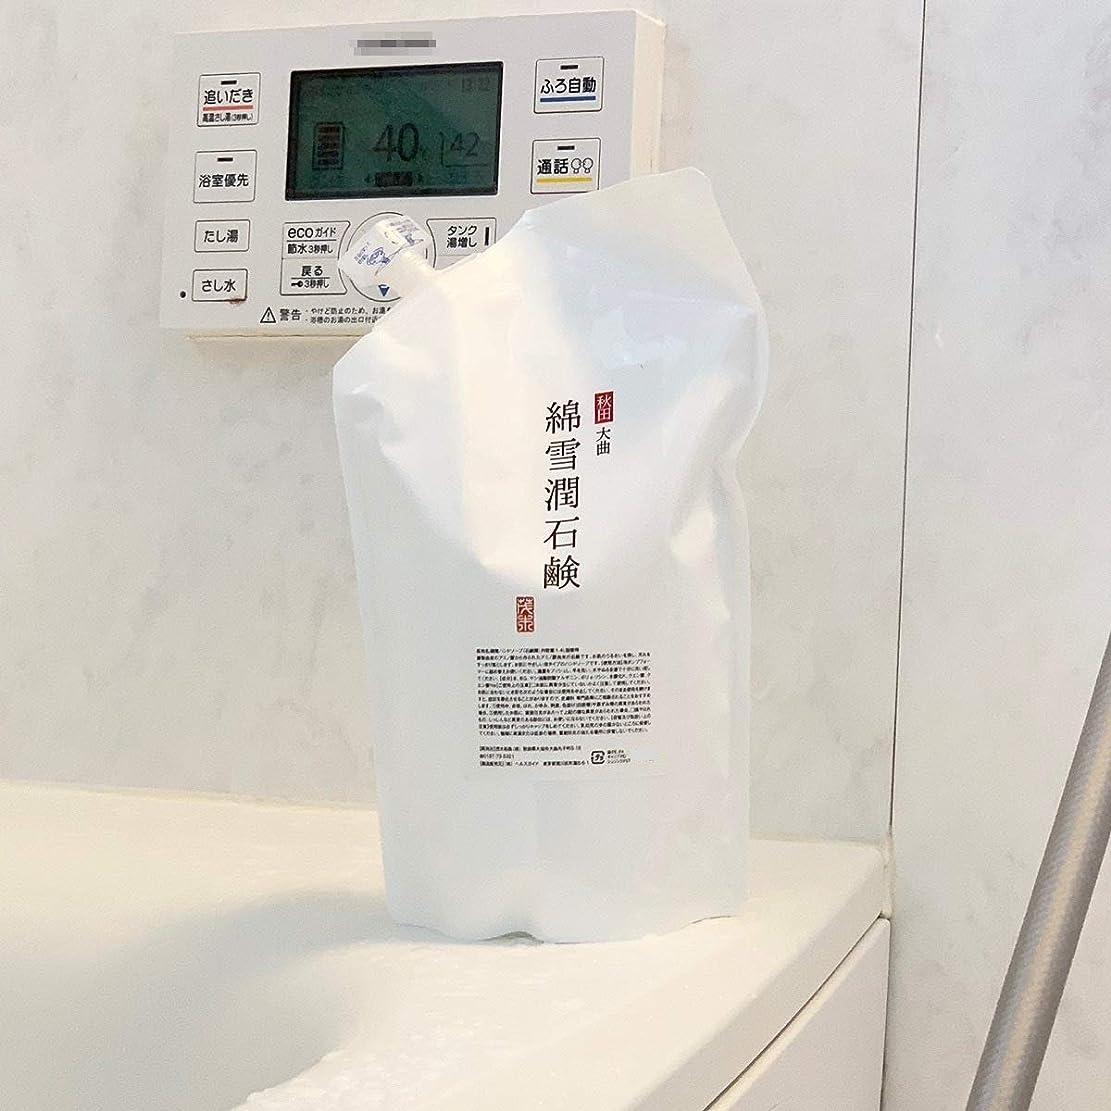 スラッシュビバジョセフバンクス綿雪潤石鹸 700mL 2個セット